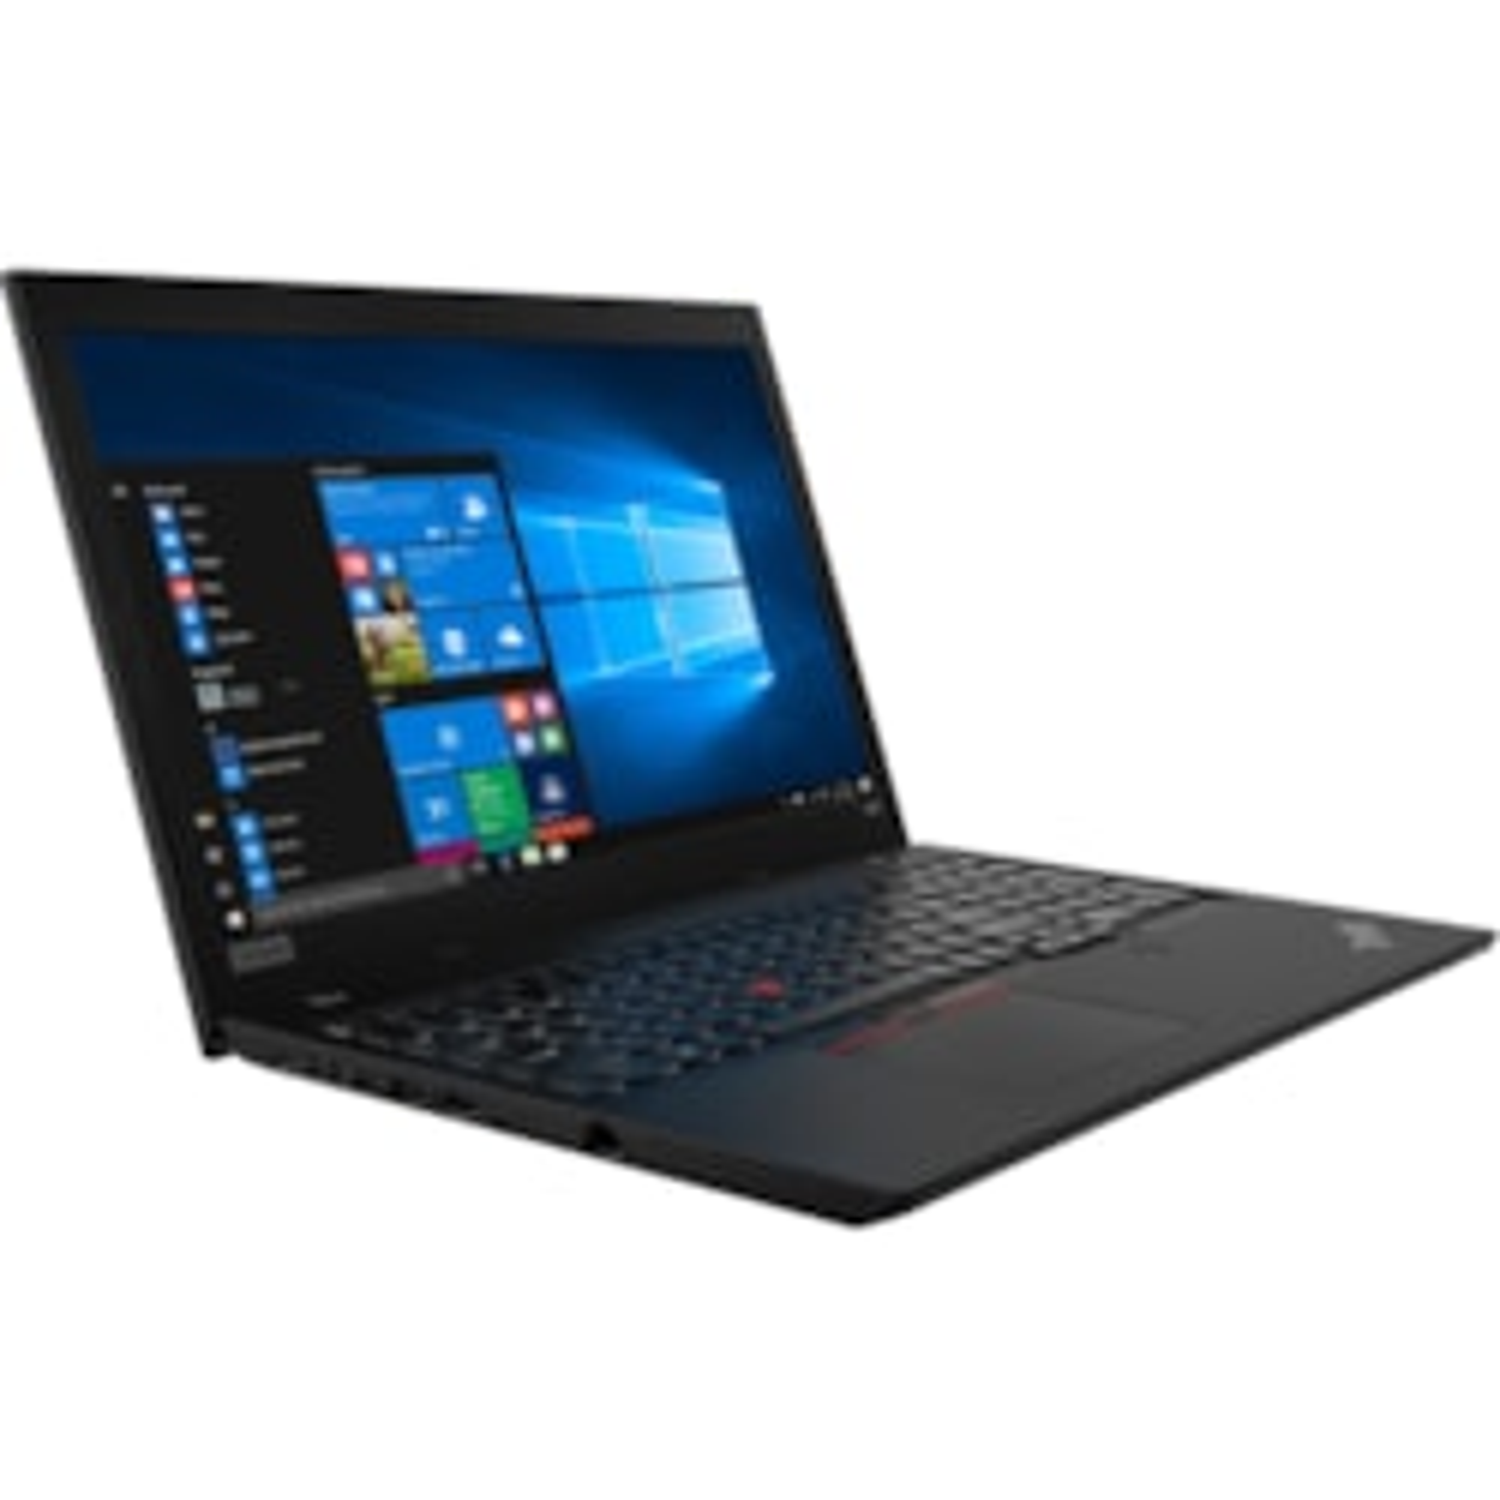 """Lenovo ThinkPad L590 20Q7S00T00 39.6 cm (15.6"""") Notebook - 1920 x 1080 - Core i7 i7-8565U - 16 GB RAM - 512 GB SSD"""